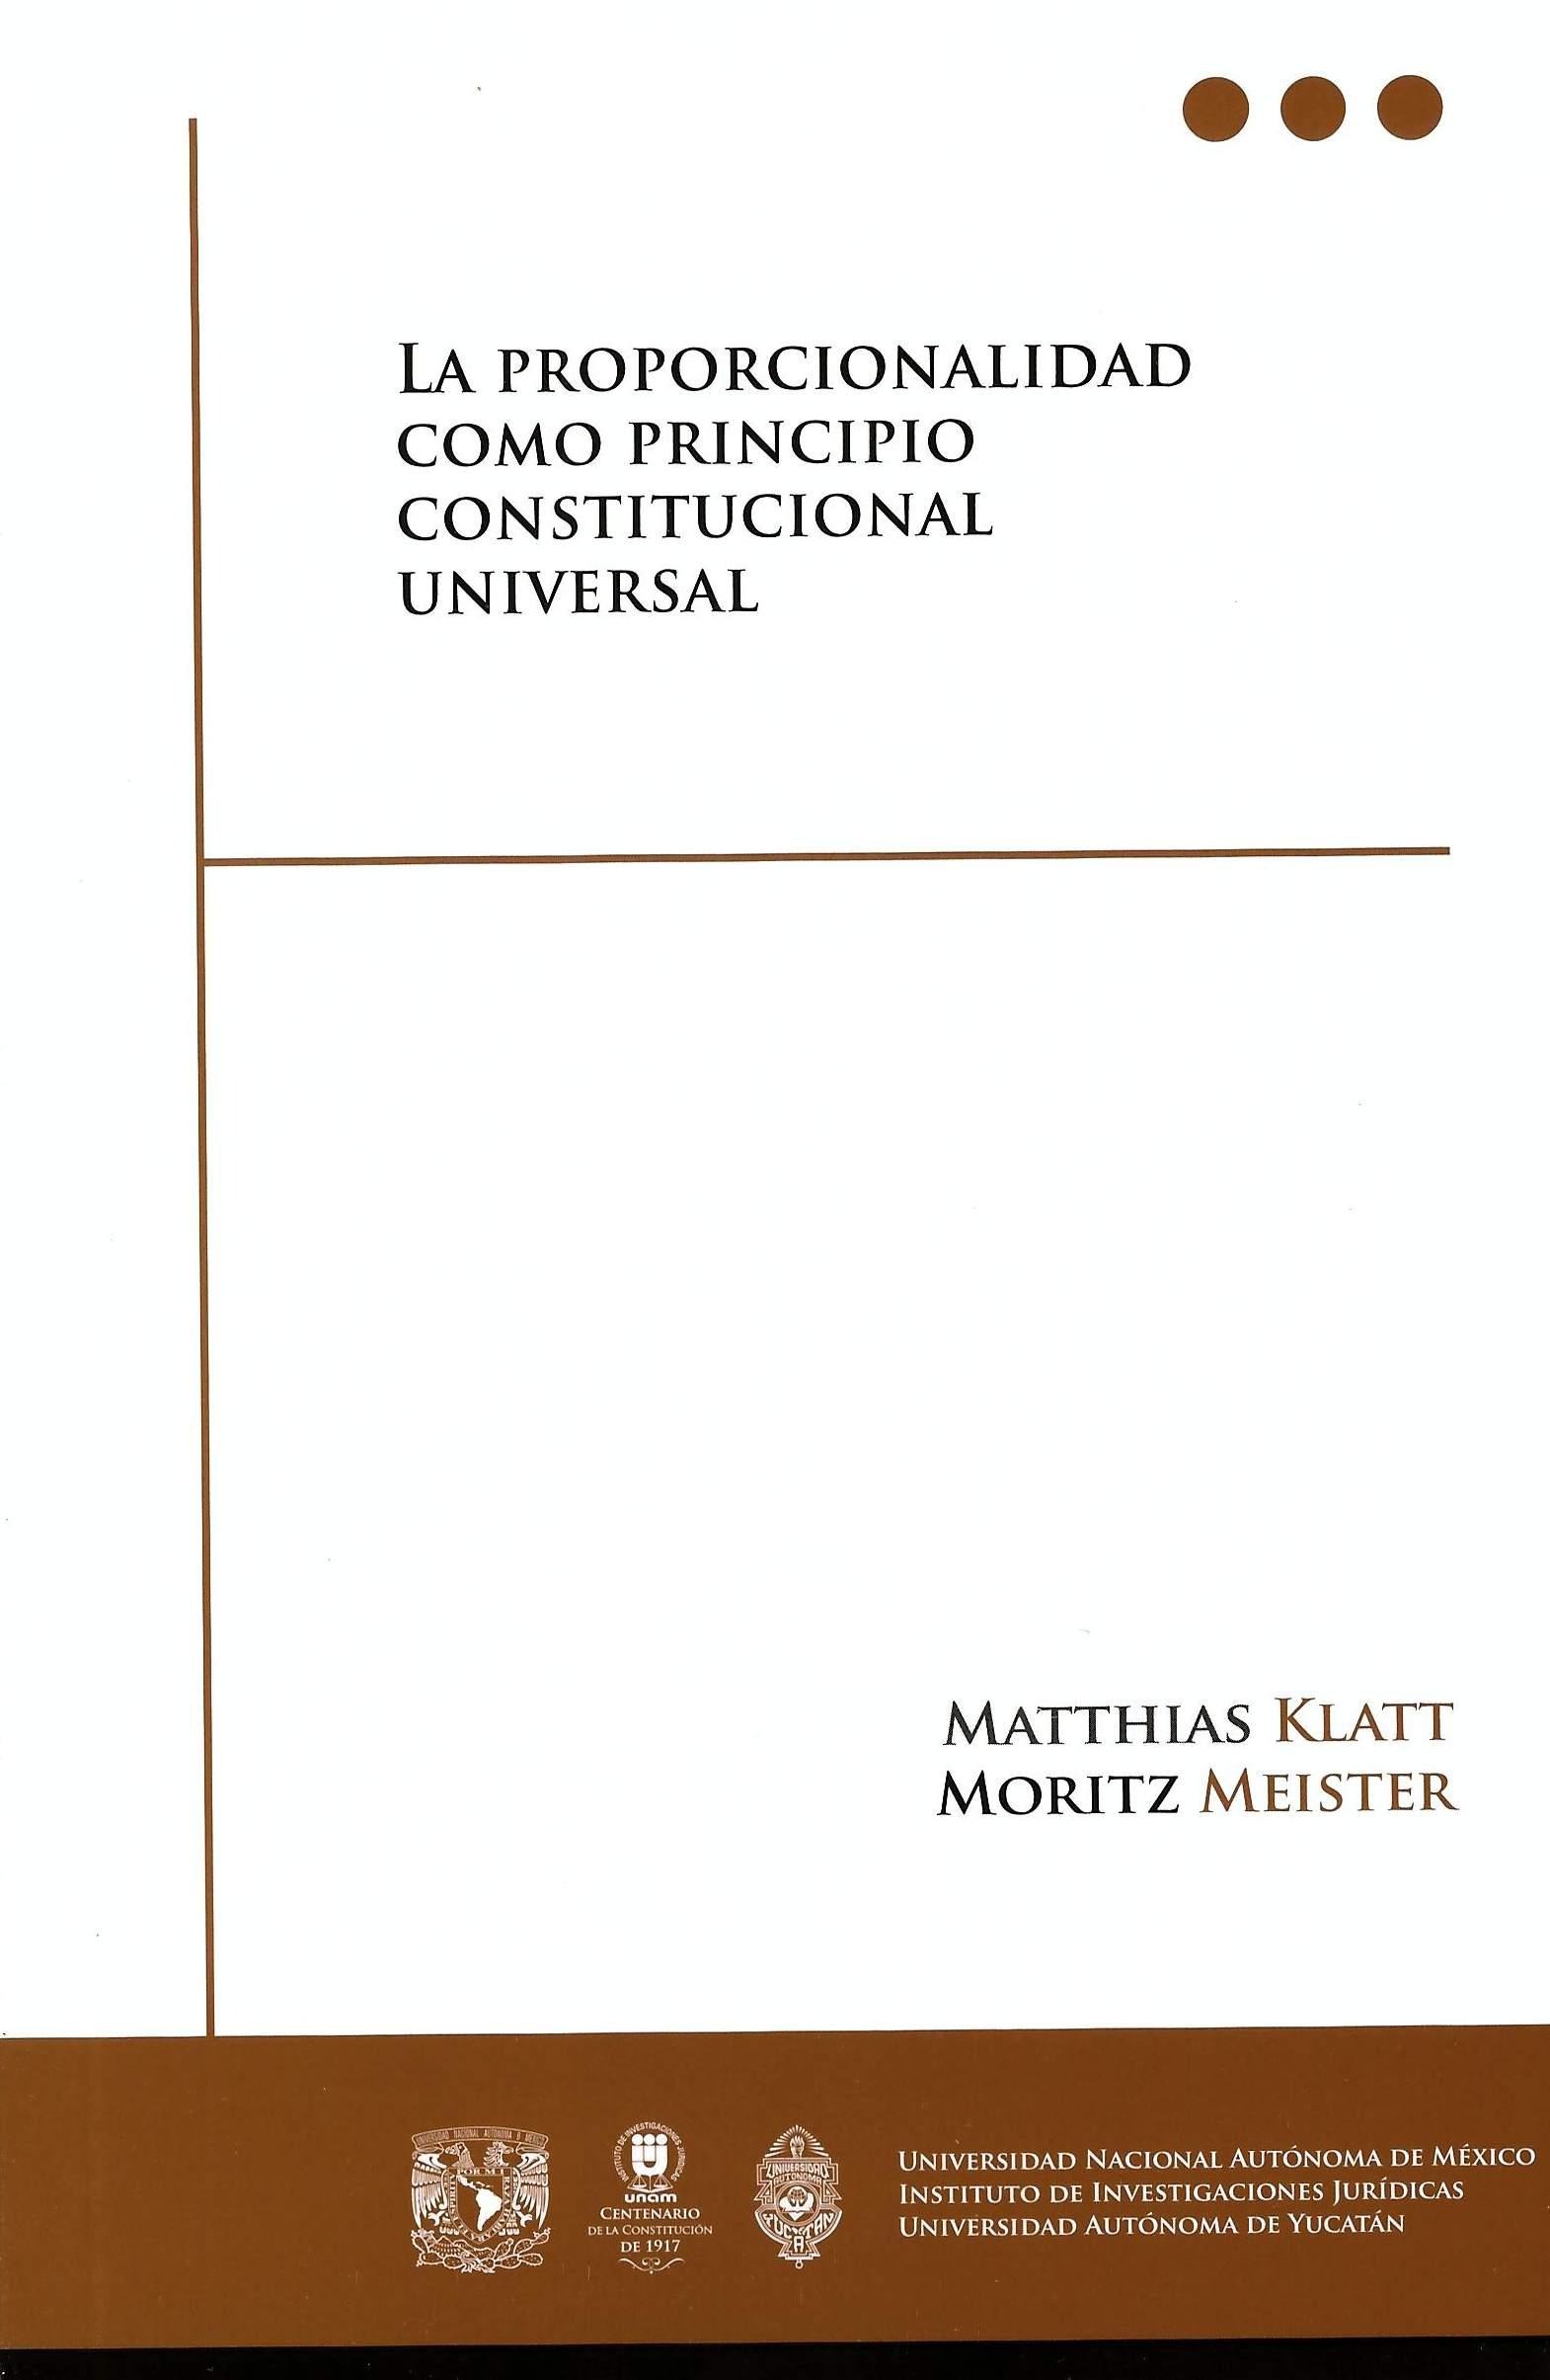 La proporcionalidad como principio constitucional universal